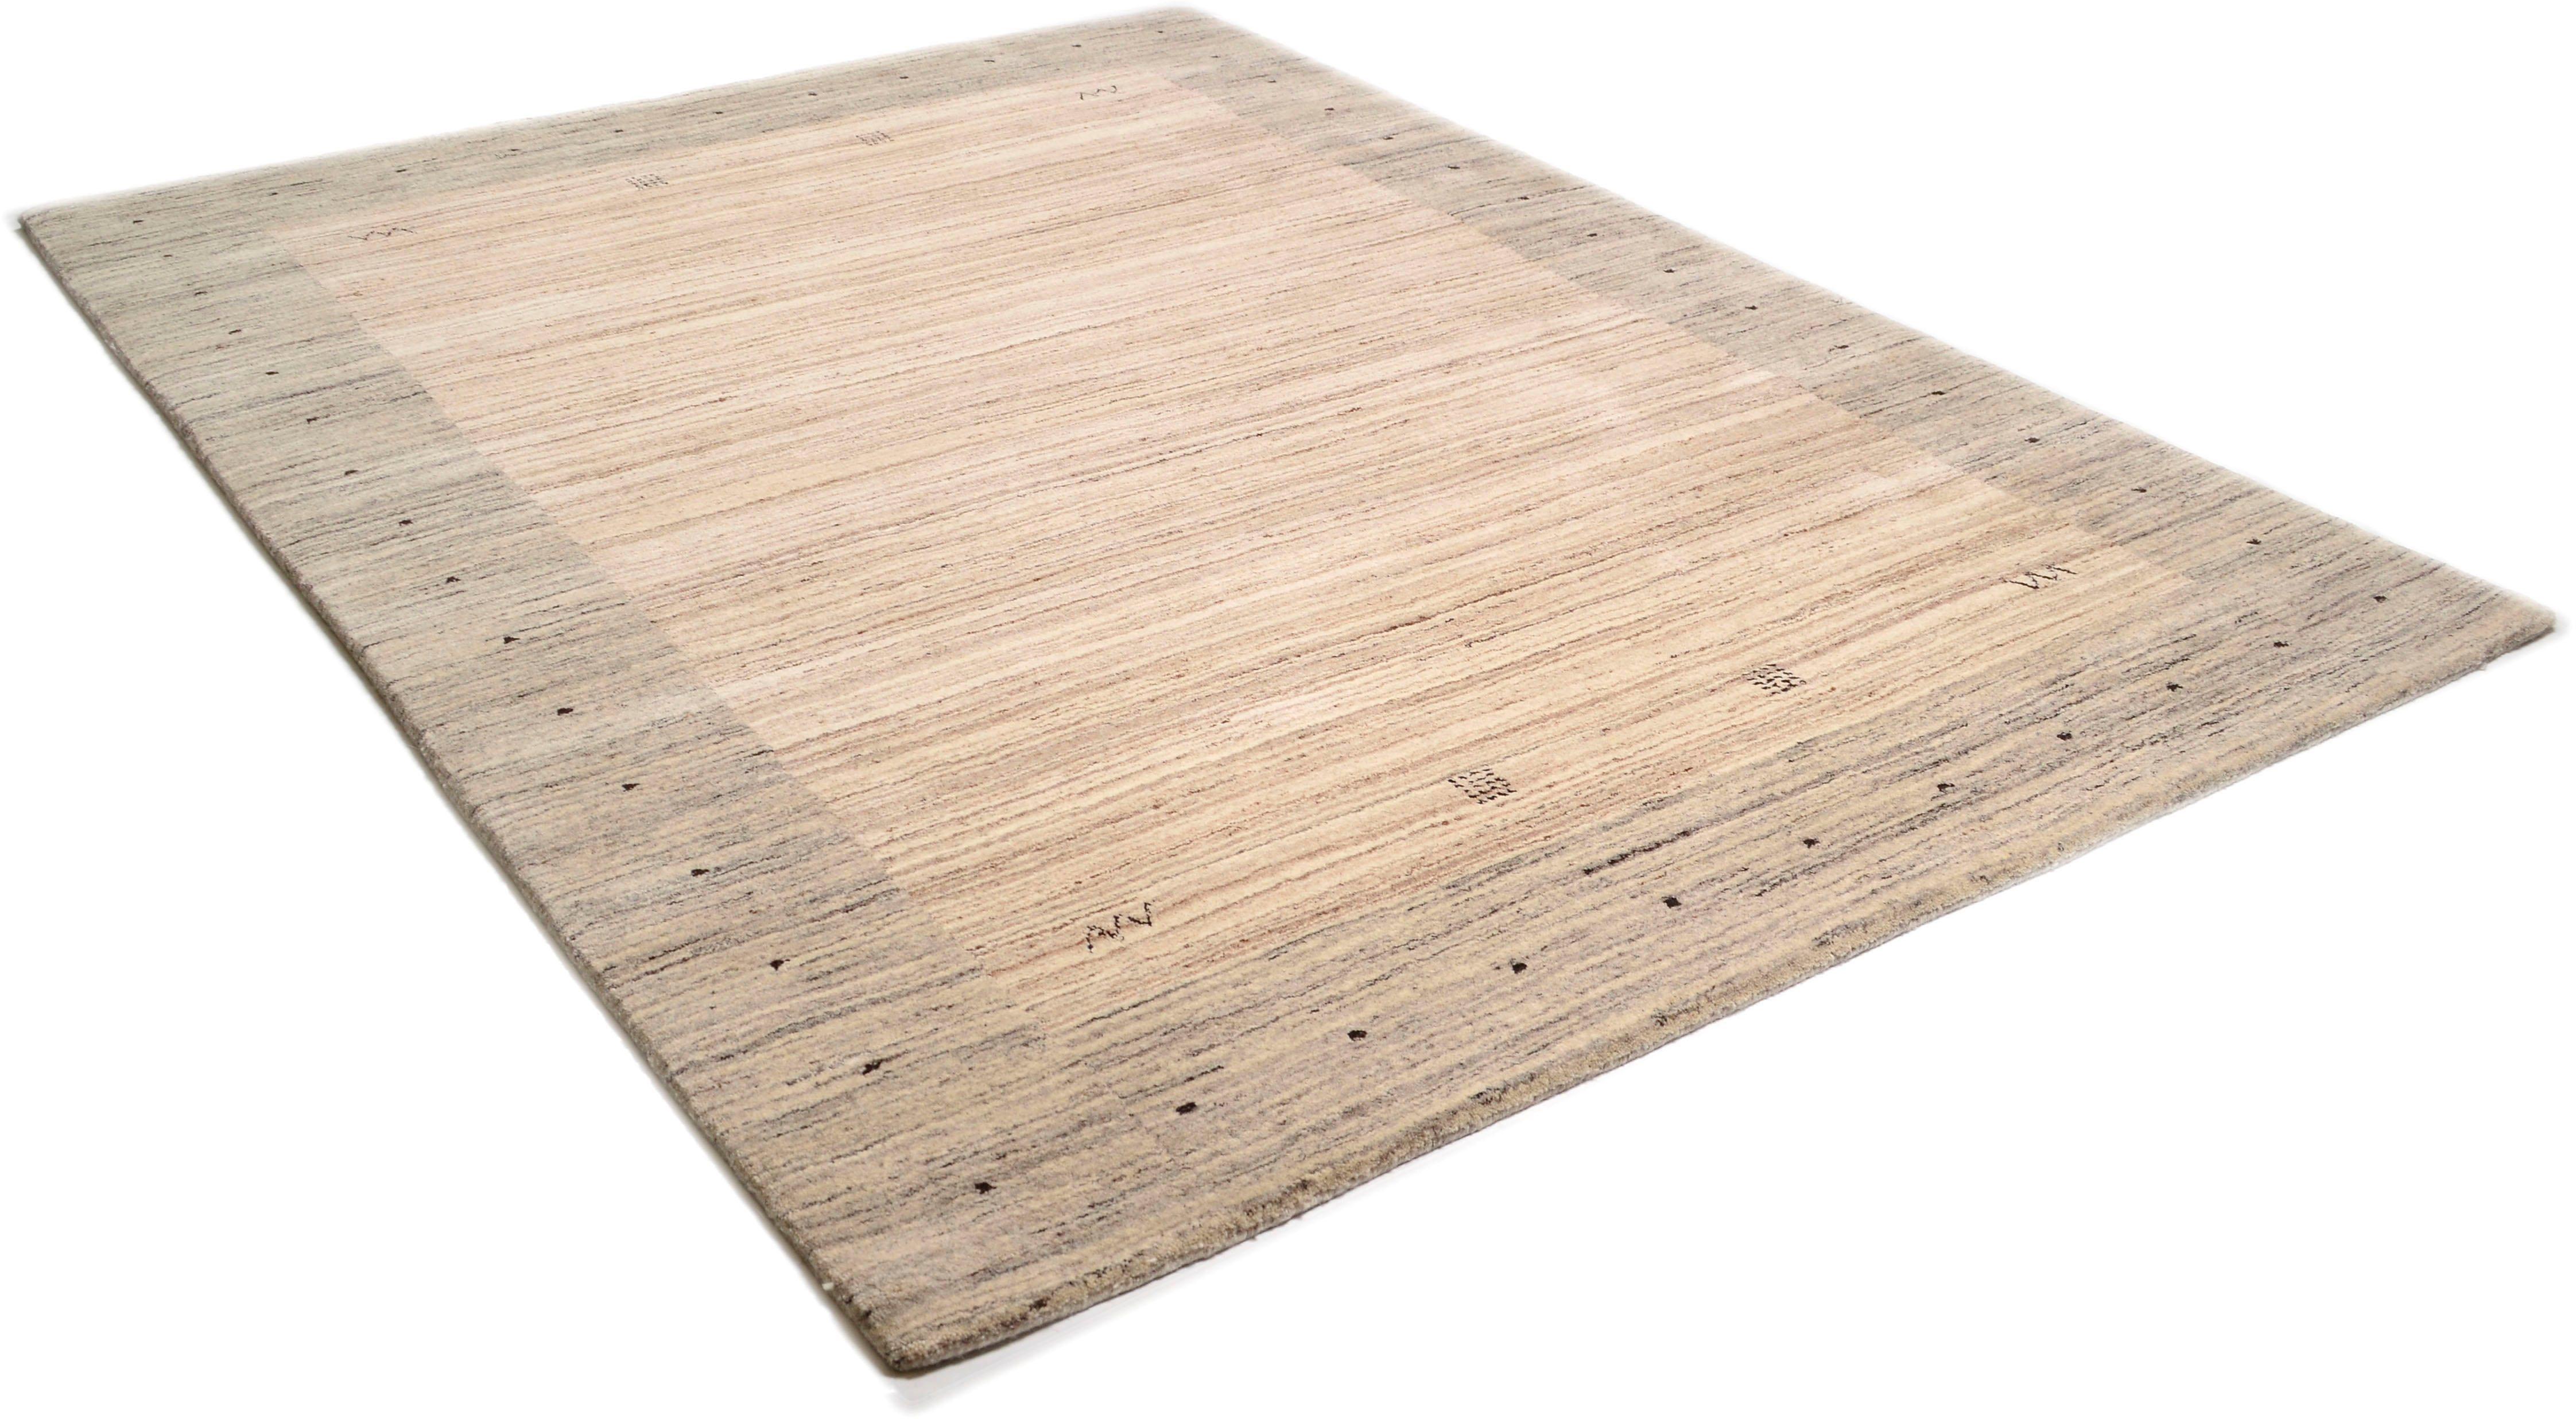 Orientteppich »Lori Dream 1«, THEKO, rechteckig, Höhe 17 mm, von Hand geknüpft | Heimtextilien > Teppiche > Orientteppiche | Wolle | THEKO